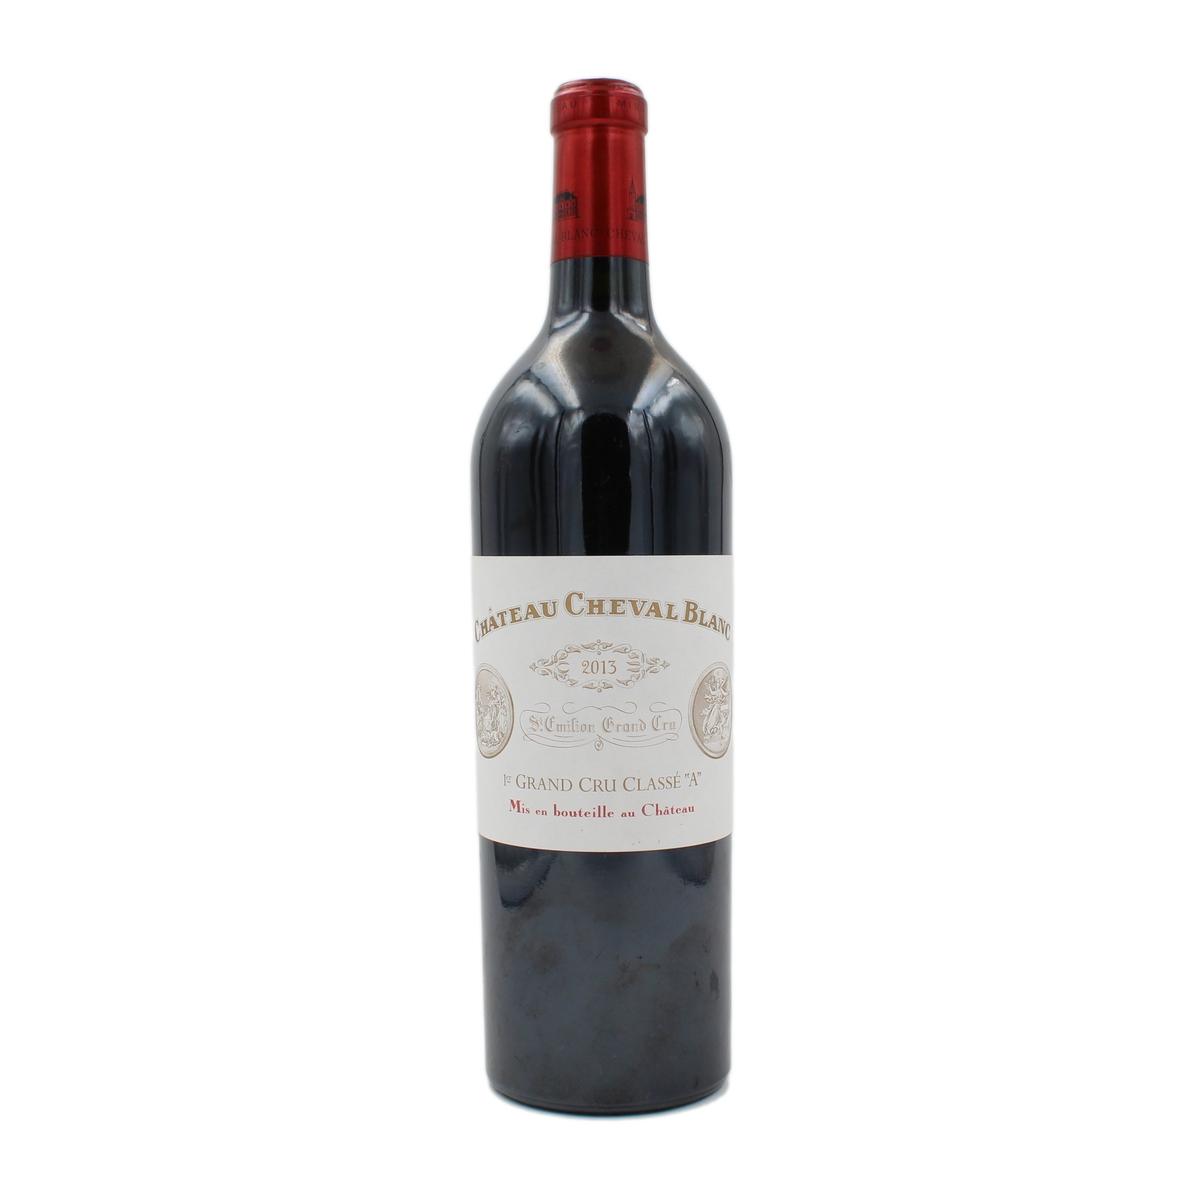 """Château Cheval Blanc 1er Grand Cru """"Saint-Emilion"""" 2013 Château Cheval Blanc"""